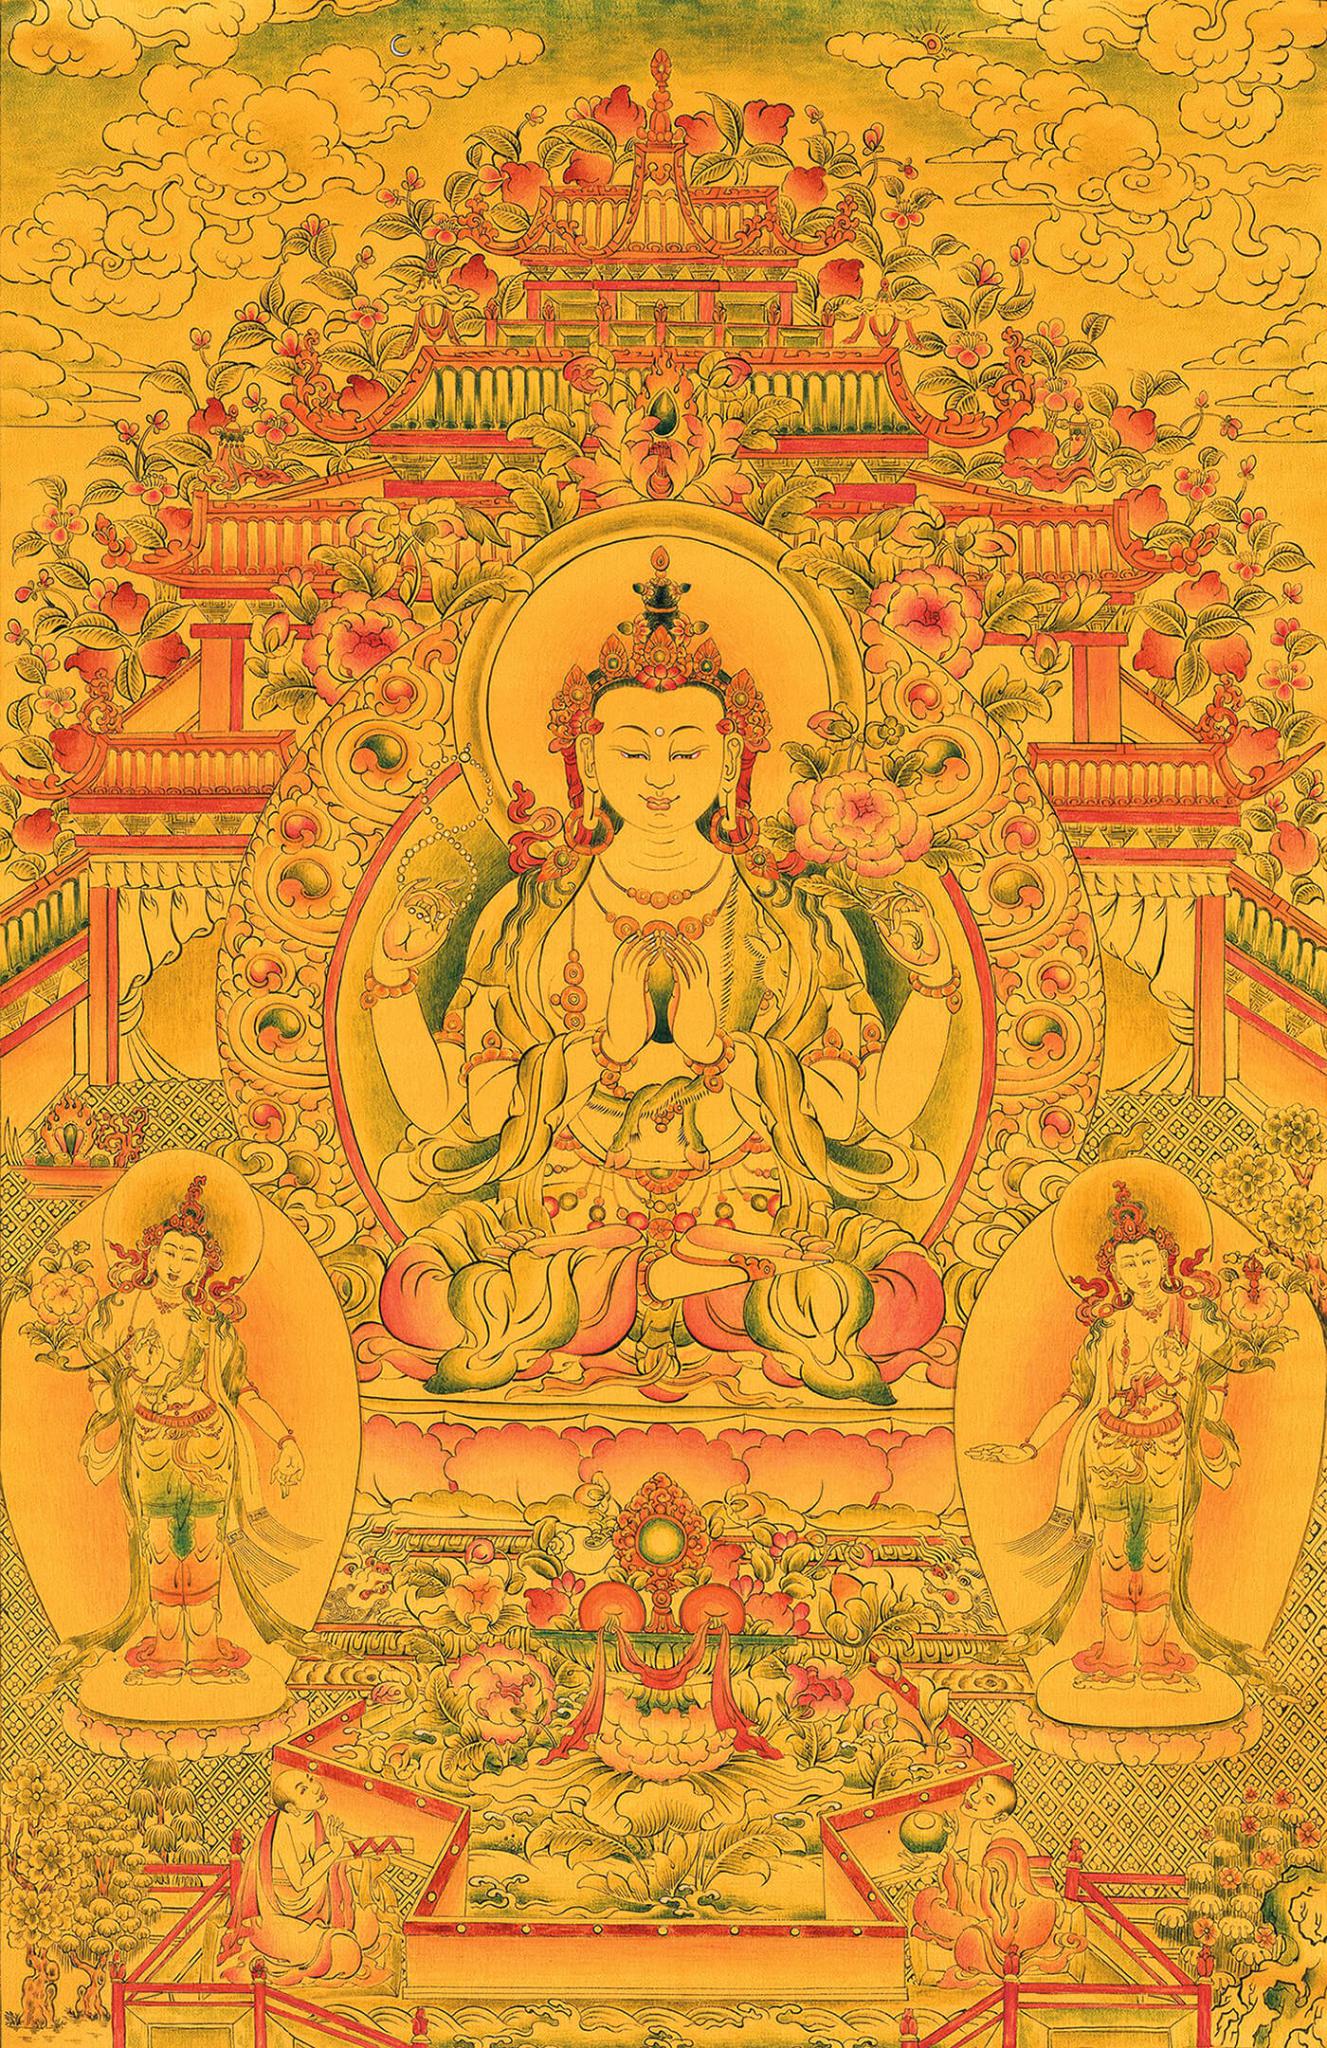 авалокитешвара, бодхисаттва, дзогчен, искусство танка, дудко